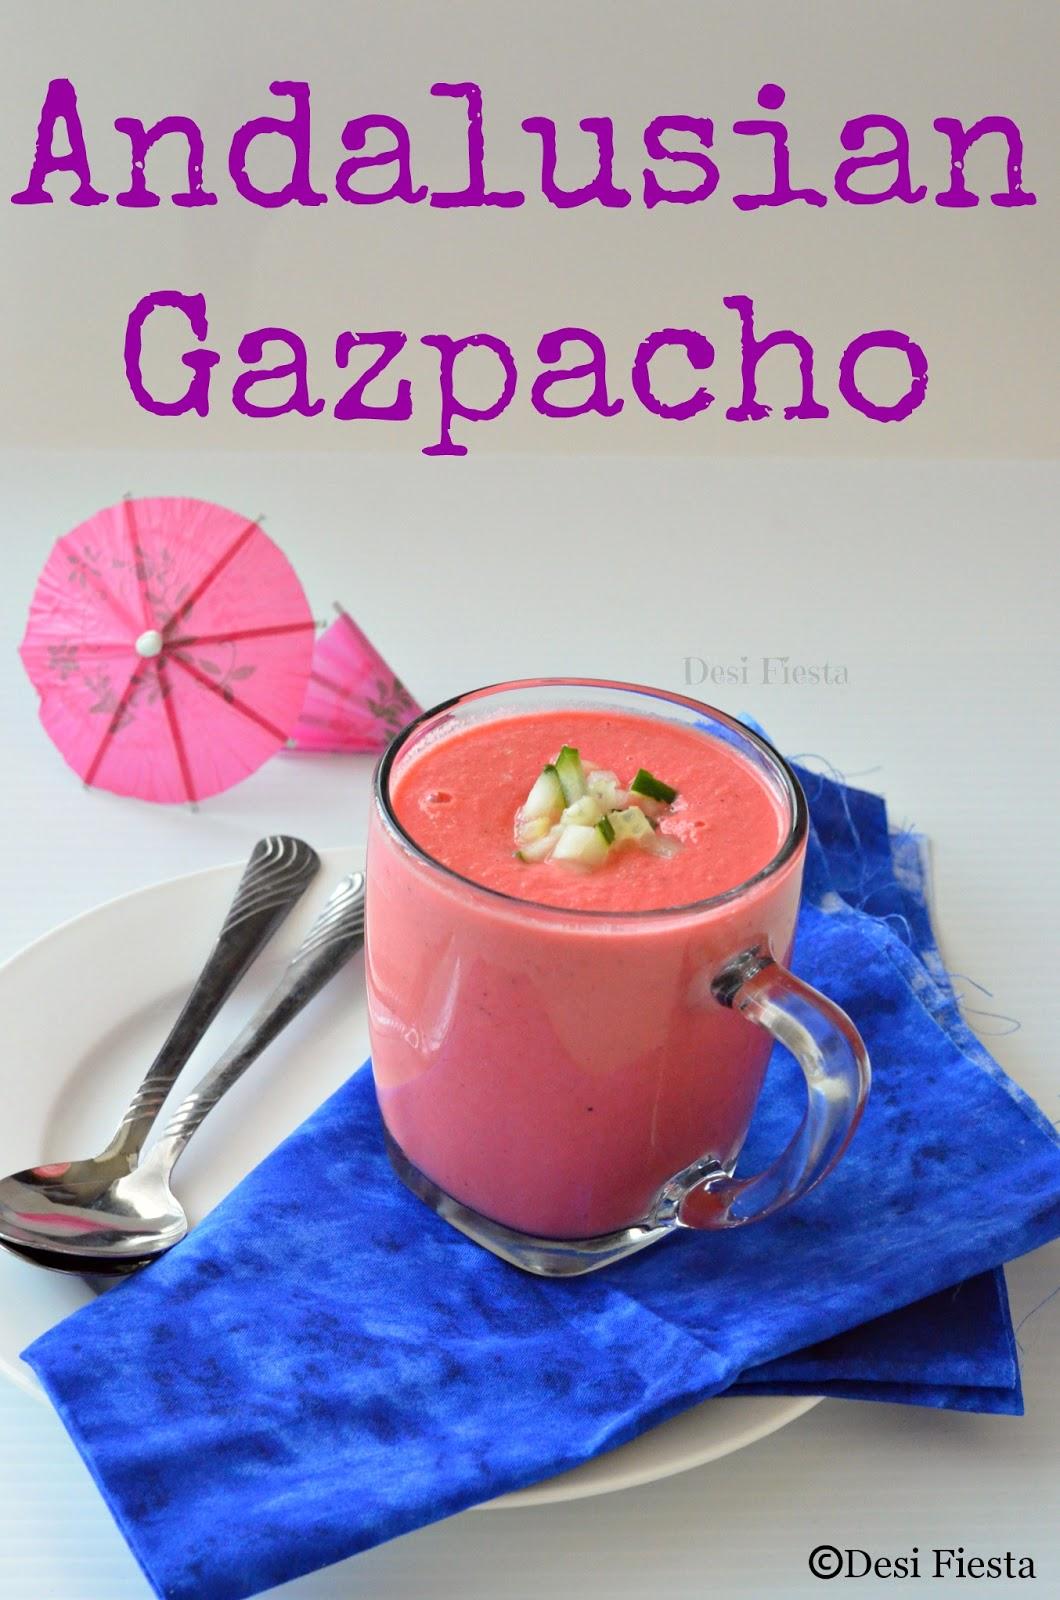 Spain gazpacho